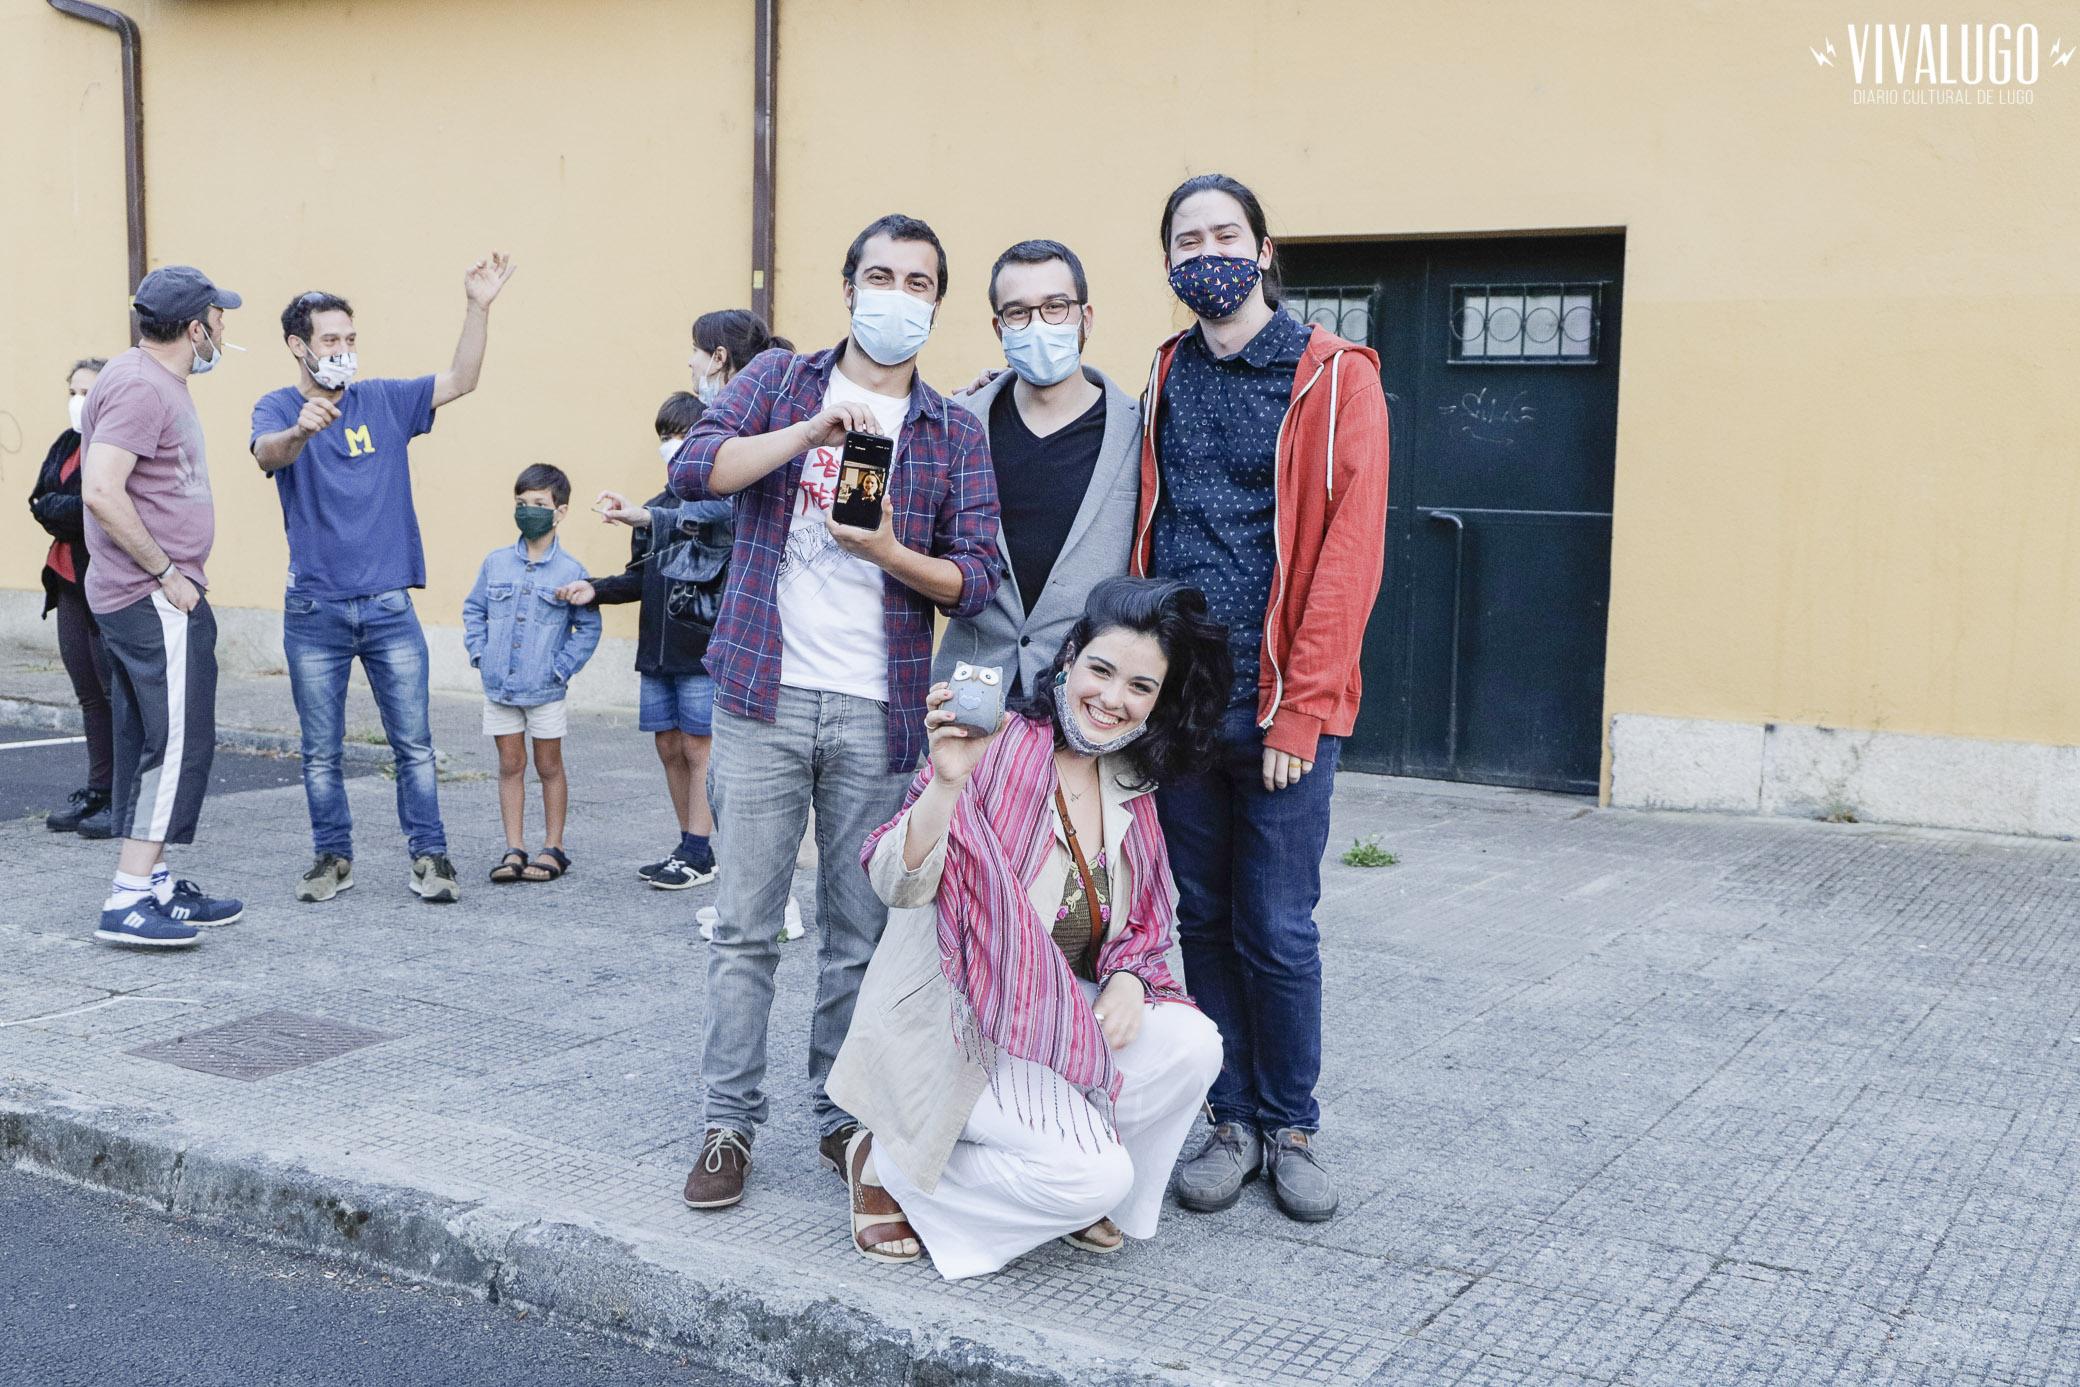 V Findecurta - Lugo Cultural -